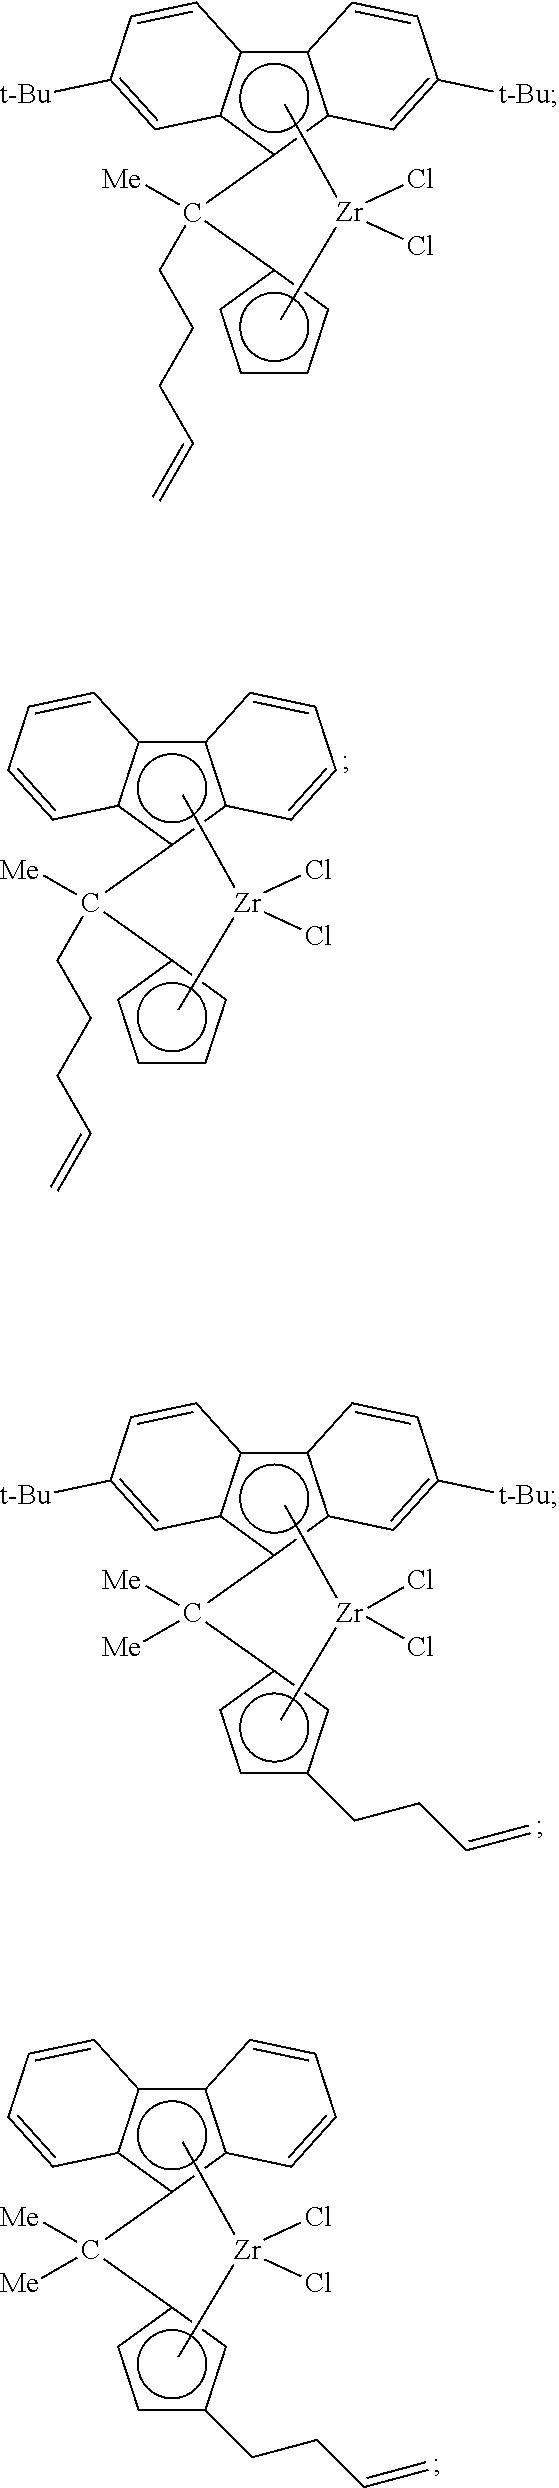 Figure US08748546-20140610-C00012